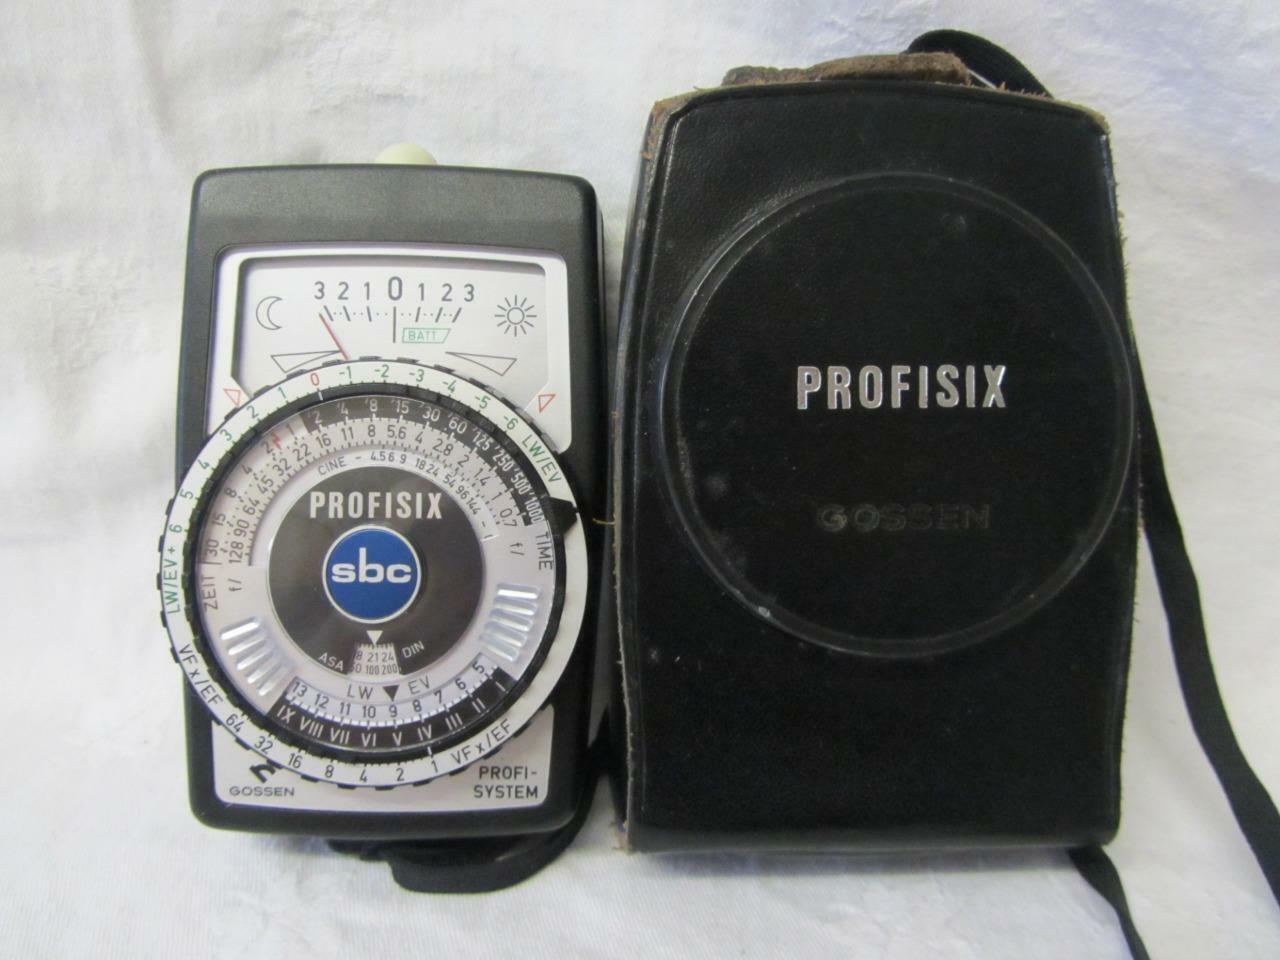 Gossen Profisix Professional Light Meter (Lunasix Pro SBC) Cased (working)